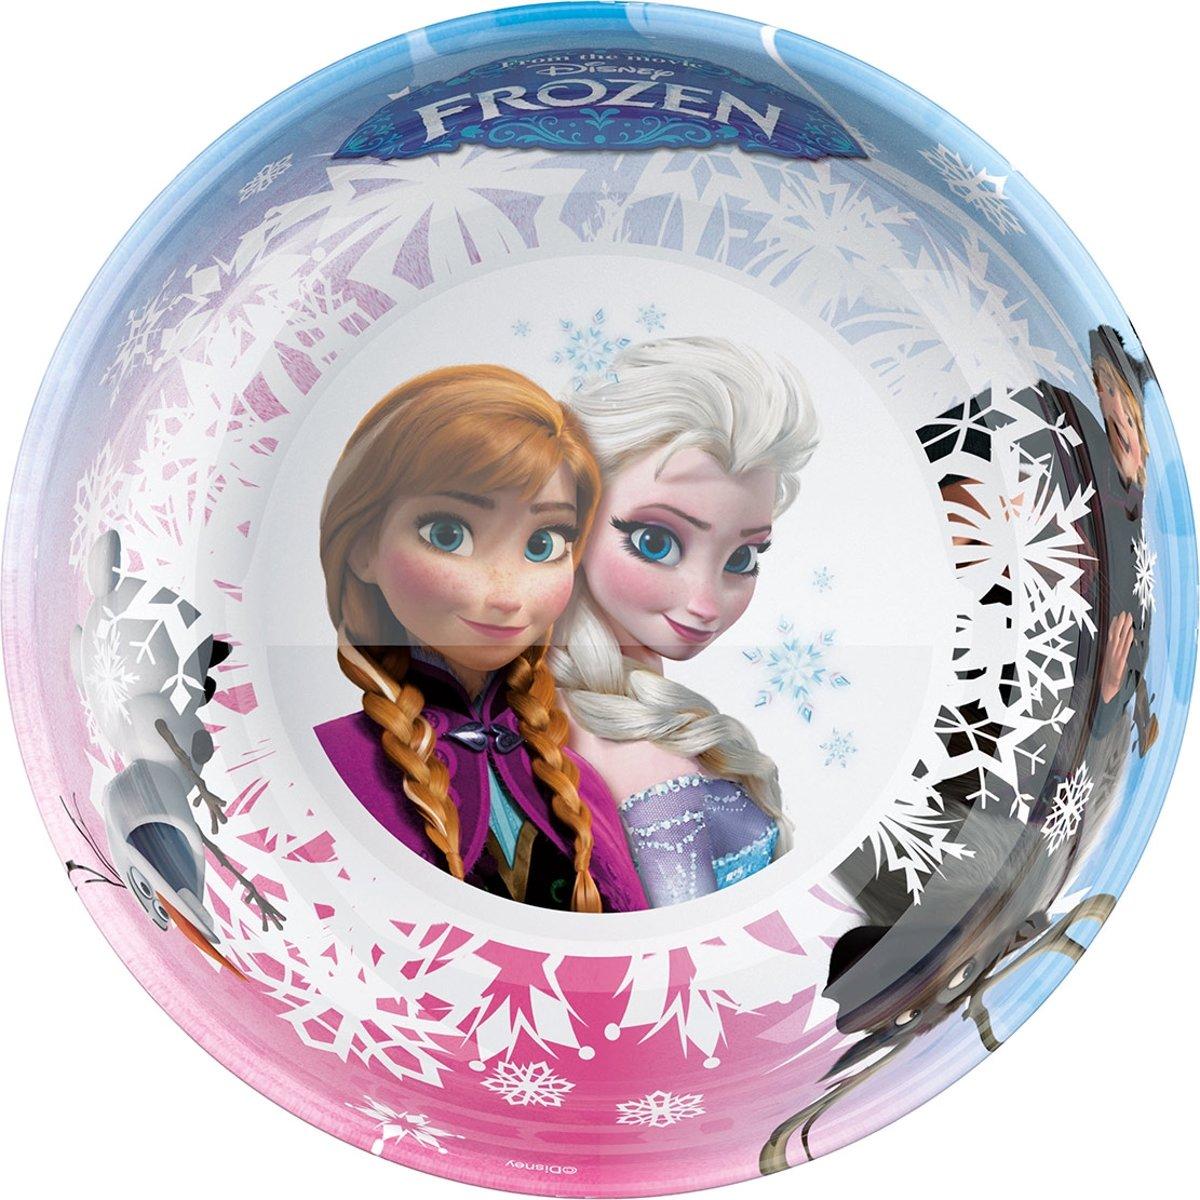 Frozen Melamine Diep Bord 17cm kopen